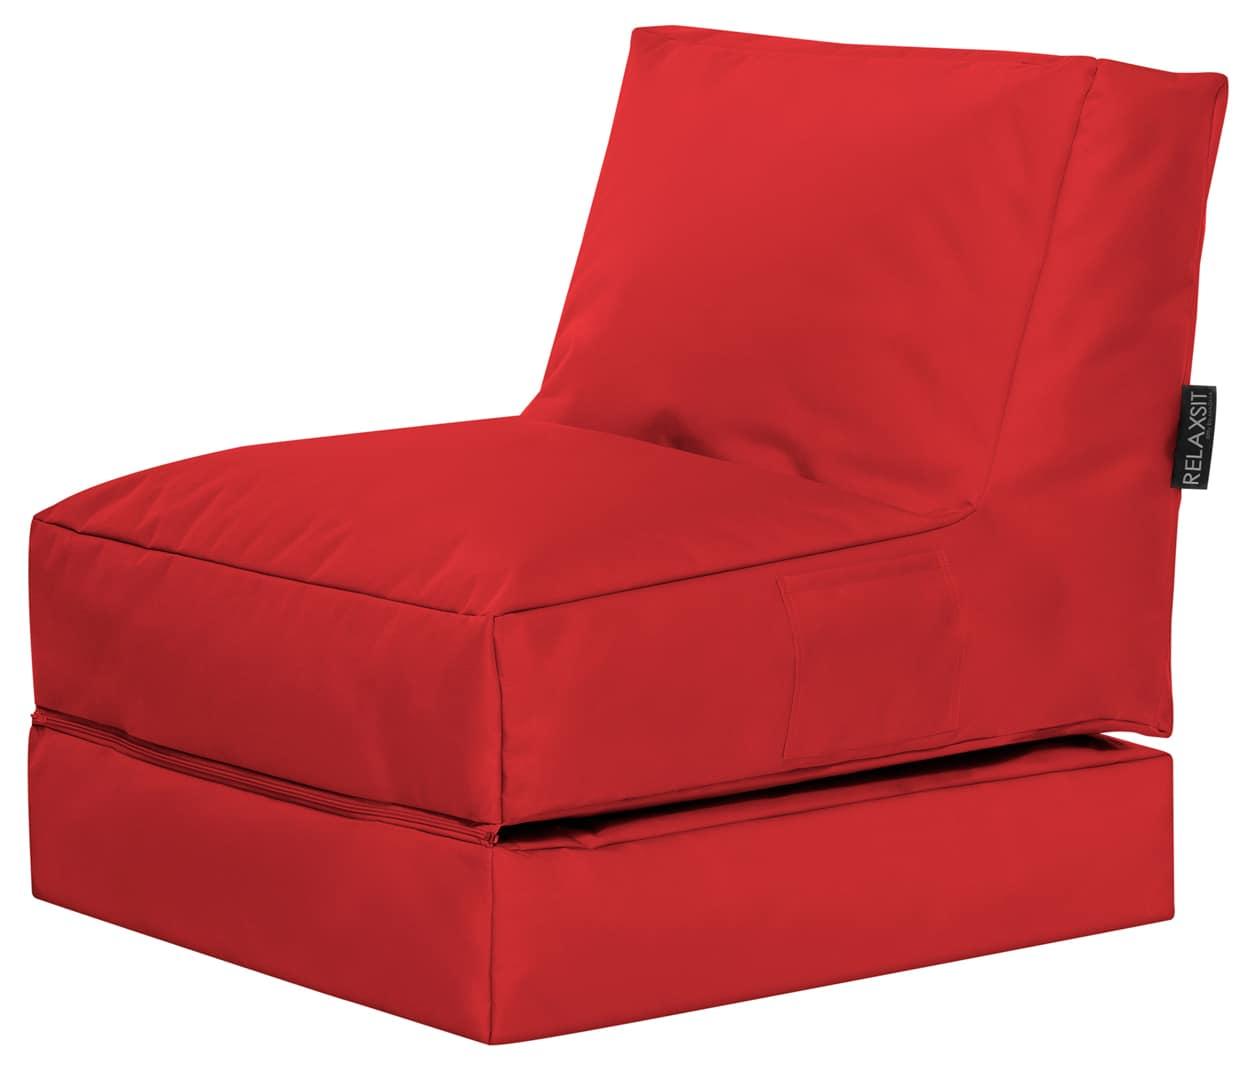 Lounge zitzak rood voor buiten sitting bags for Lounge stoel buiten